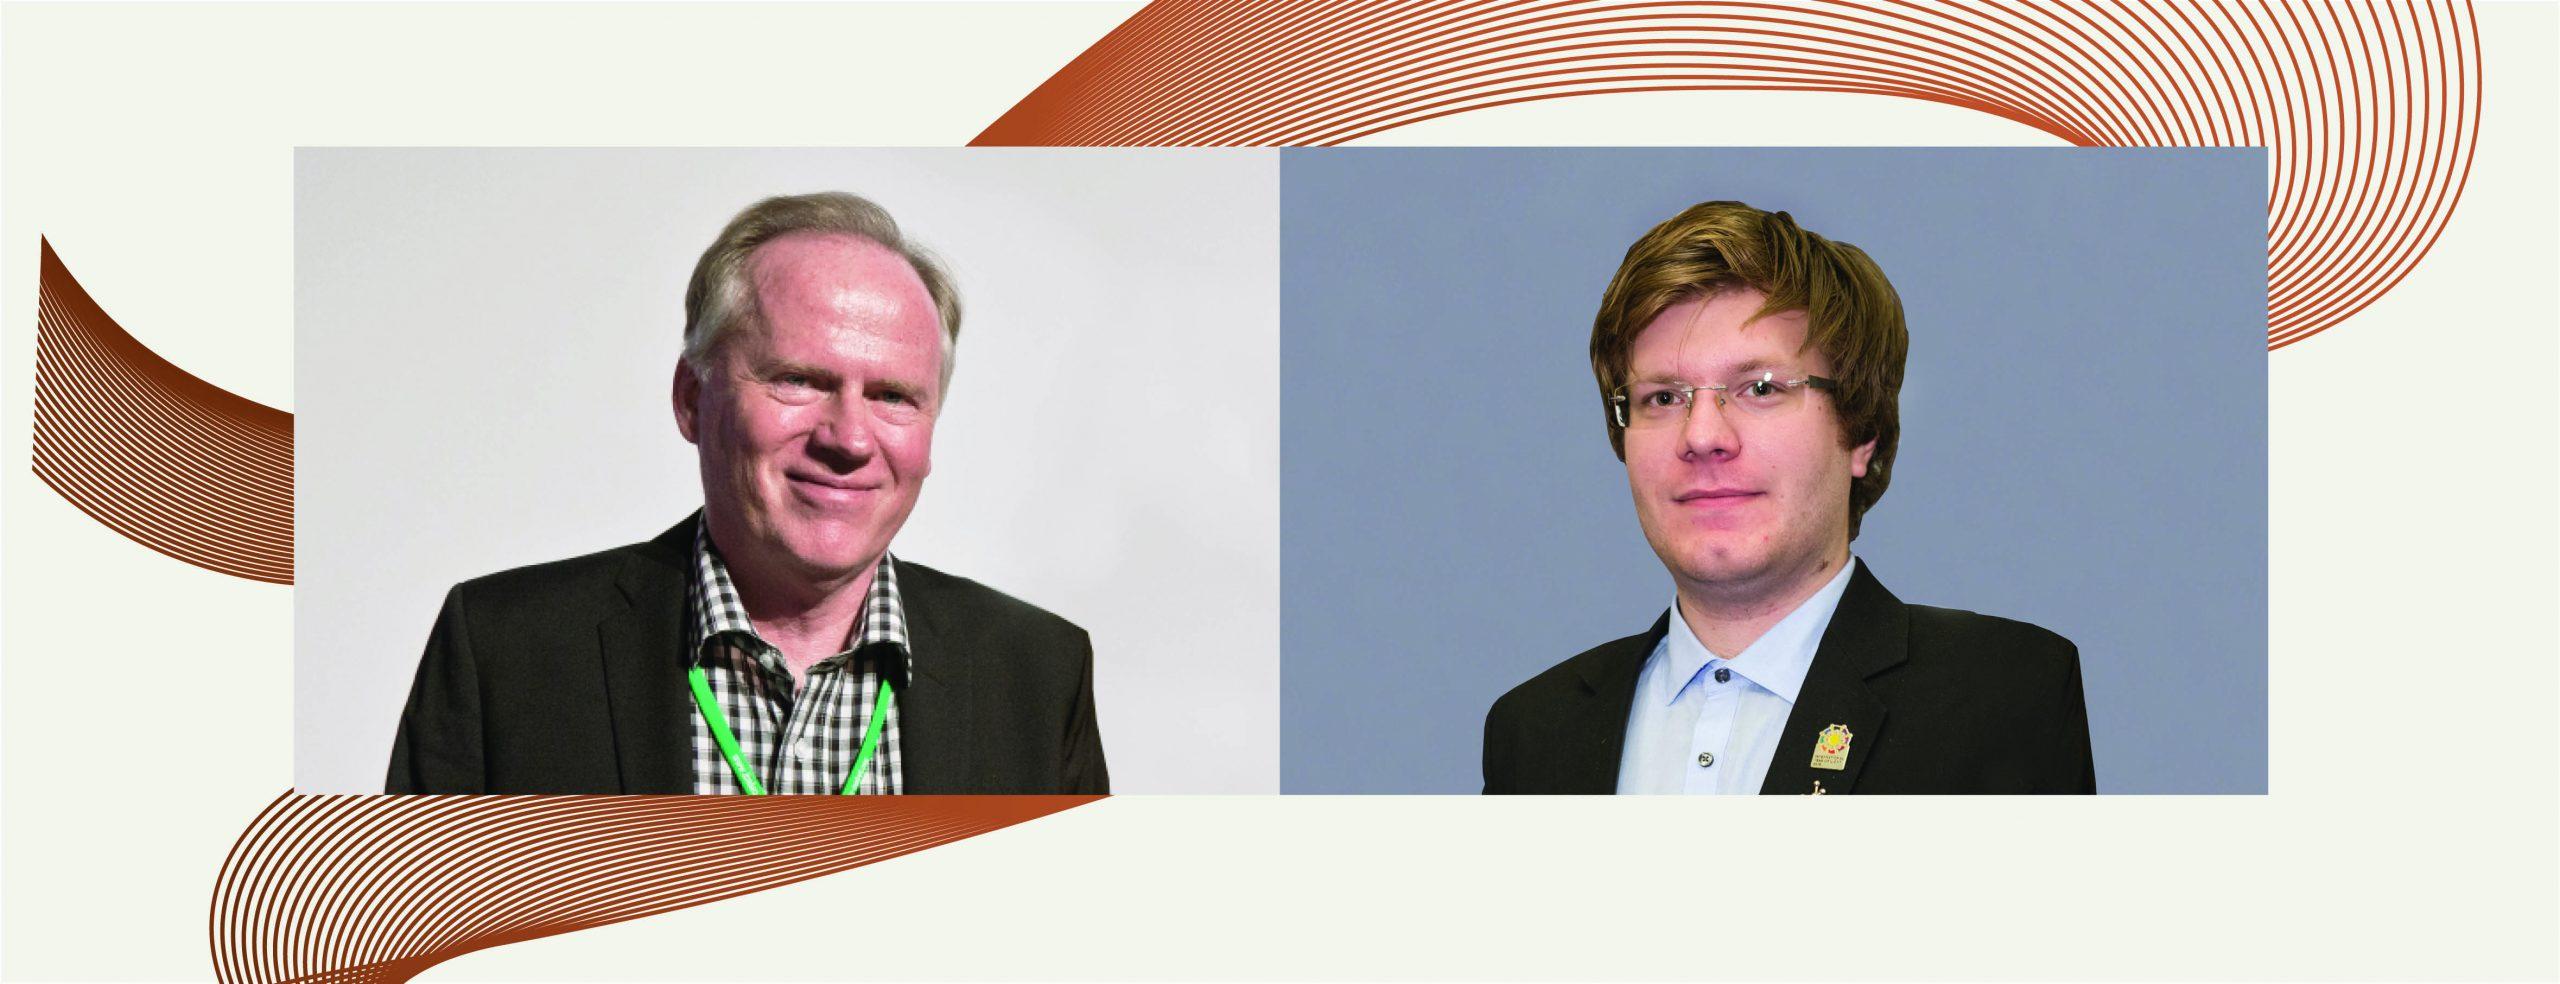 Tamás Vámi interviews Scientific Chairman Lars Bergström